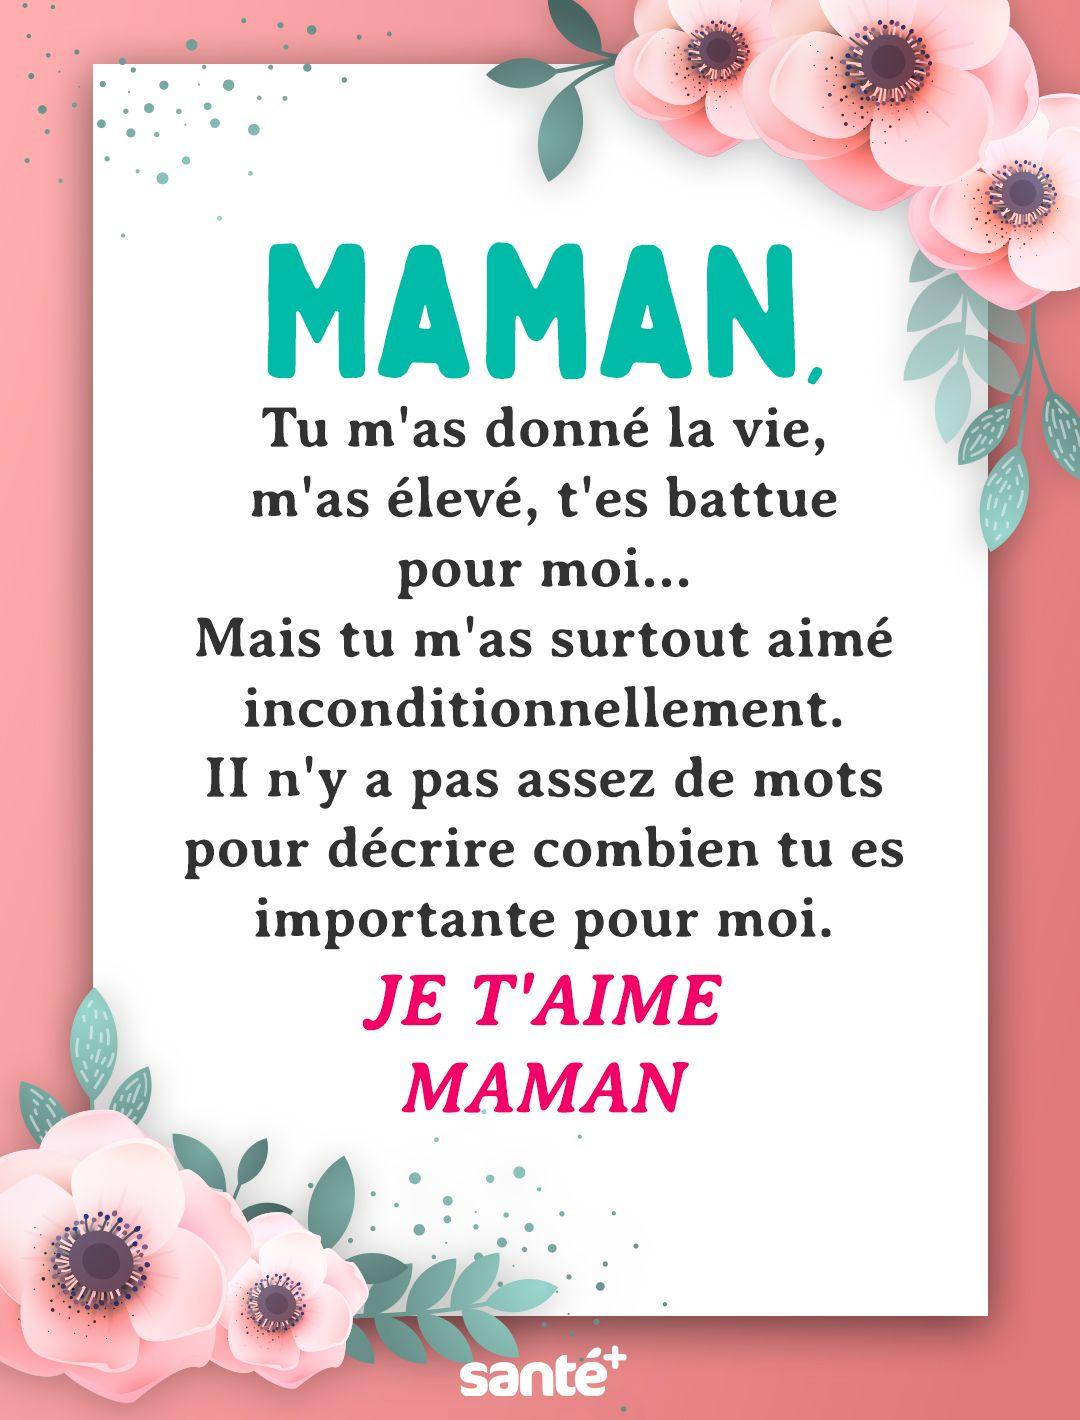 Citations Citation Fete Des Meres Texte Fete Des Meres Texte Pour Maman